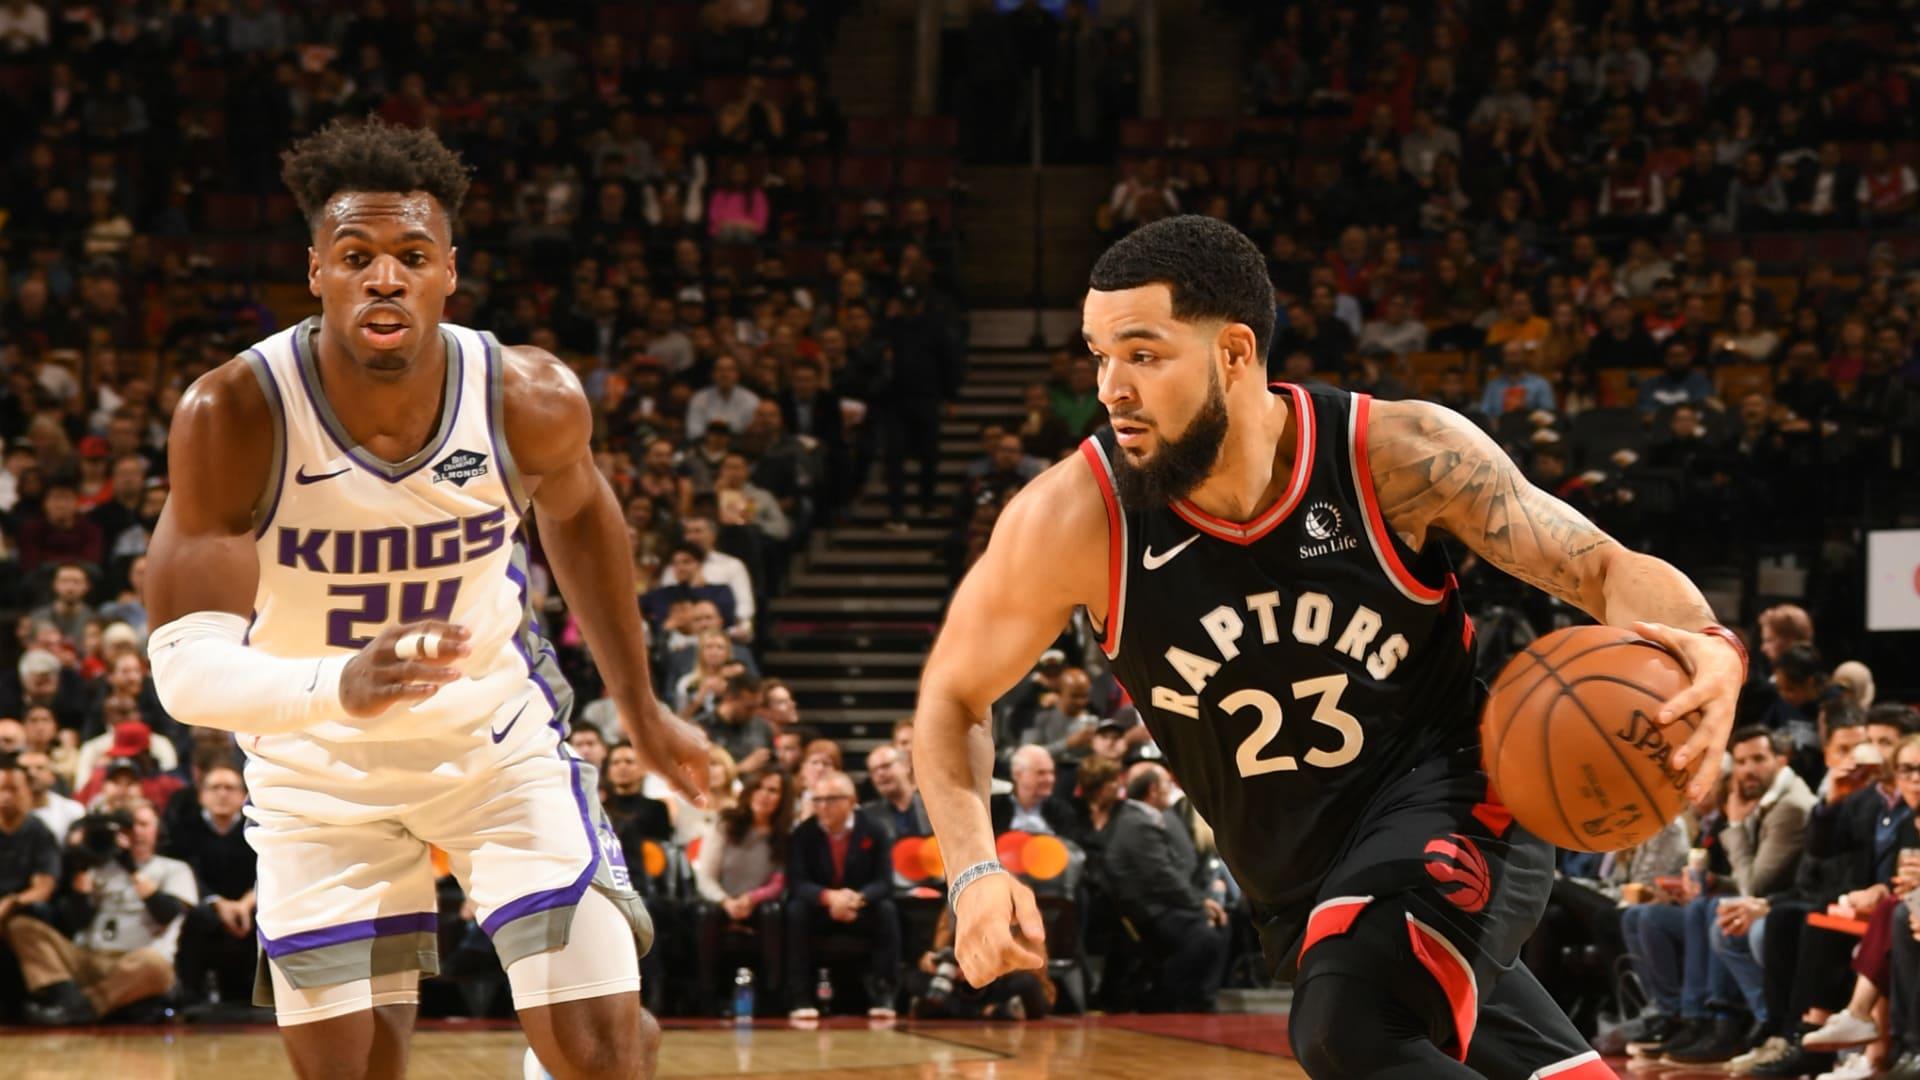 Kings @ Raptors